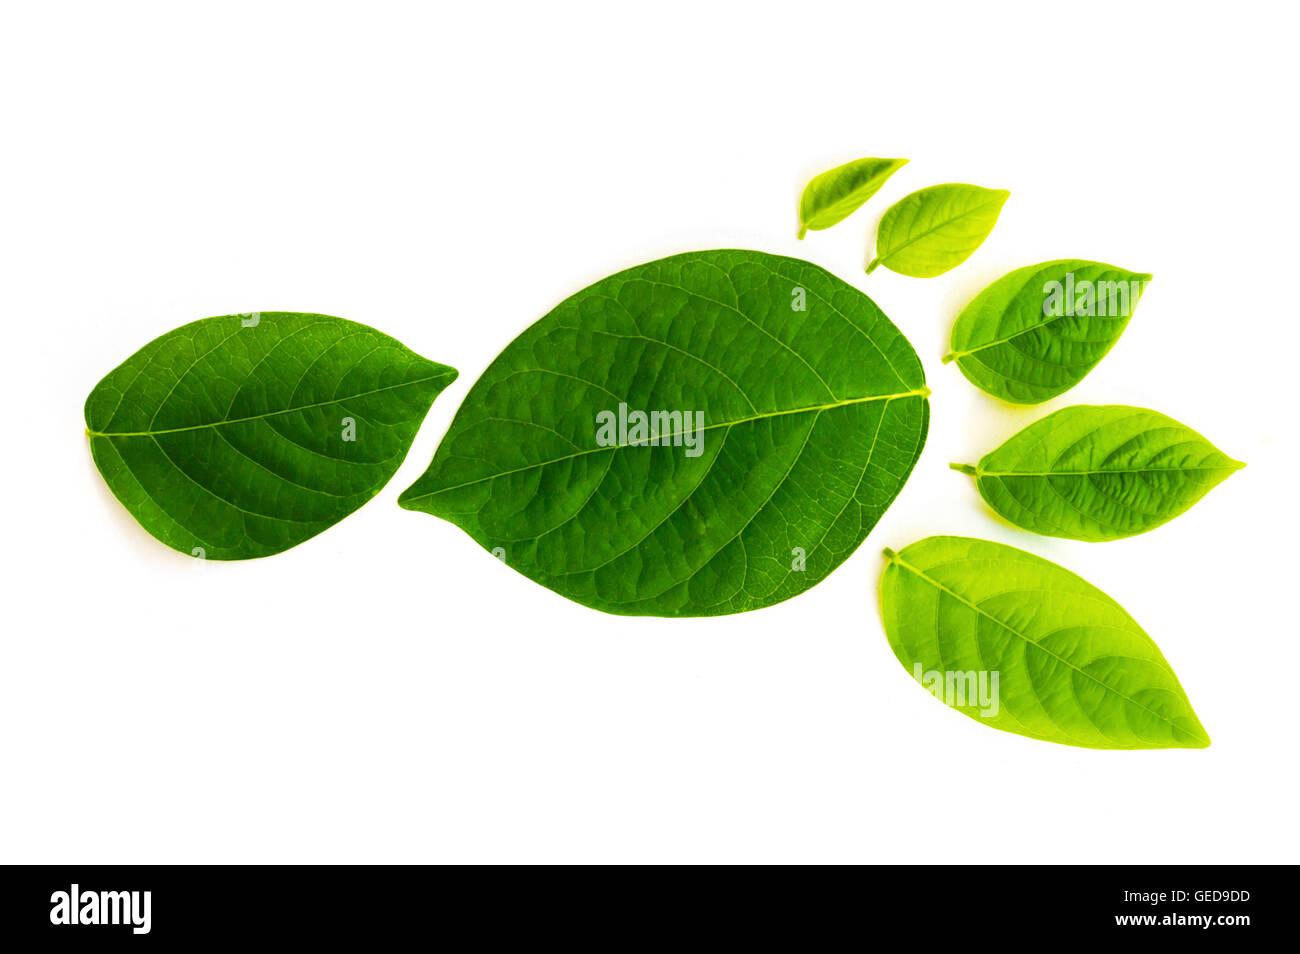 La huella de carbono es una medida del impacto de nuestras actividades sobre el medio ambiente, y en particular Imagen De Stock